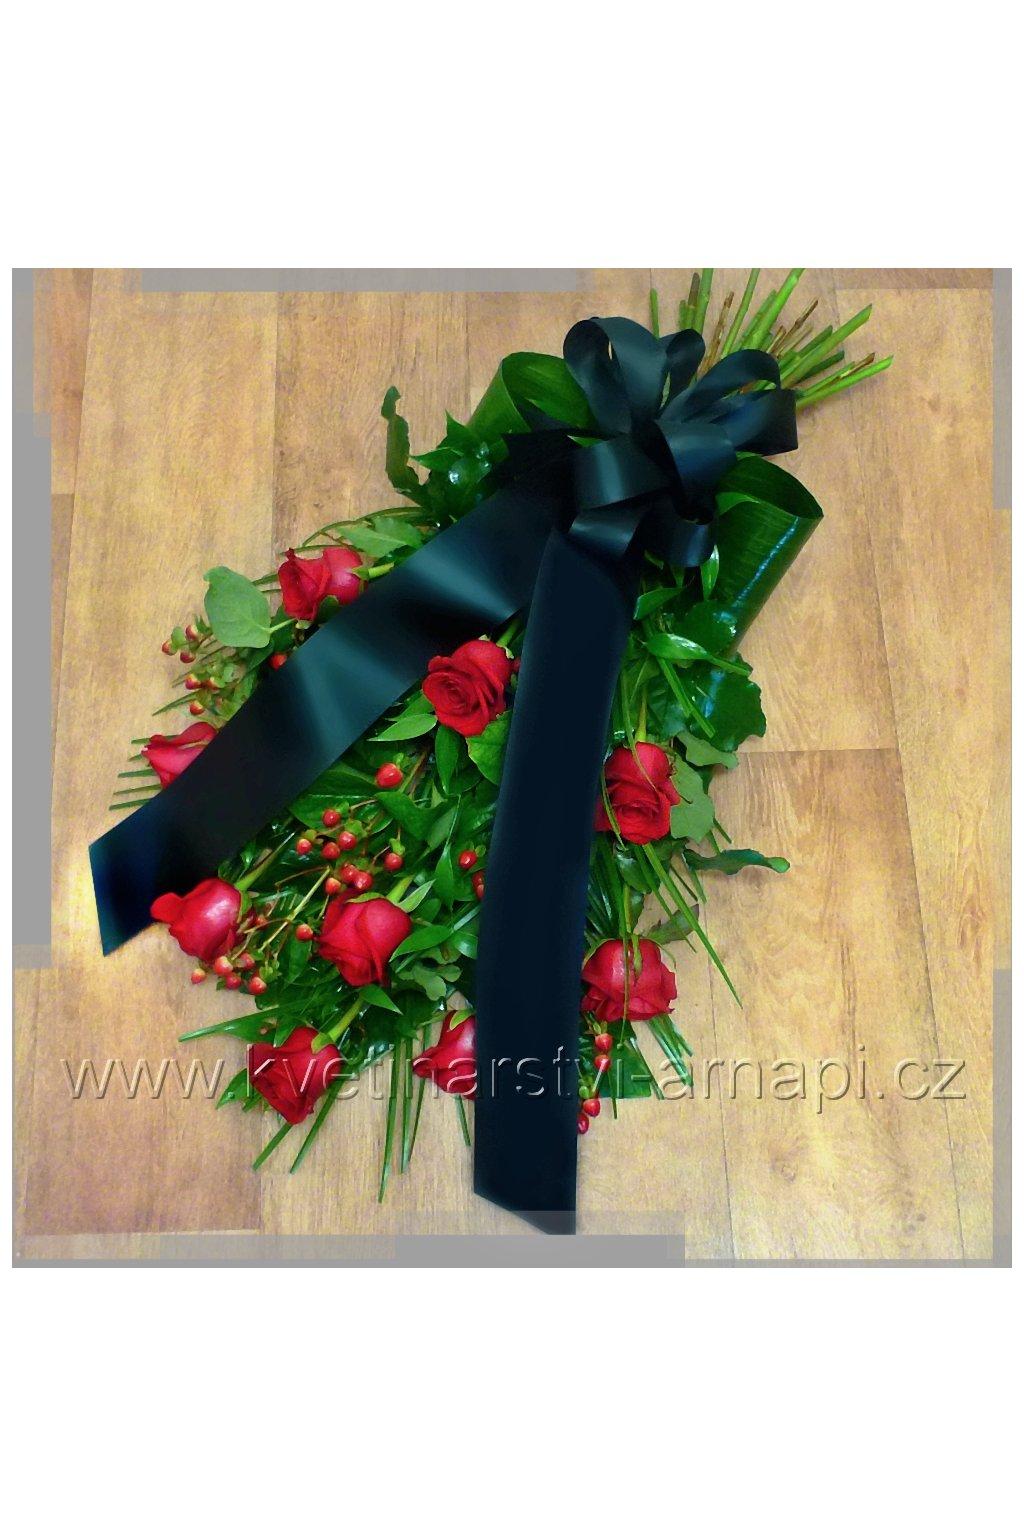 smutecni kytice z rudych ruzi kvetiny kvetinarstvi arnapi